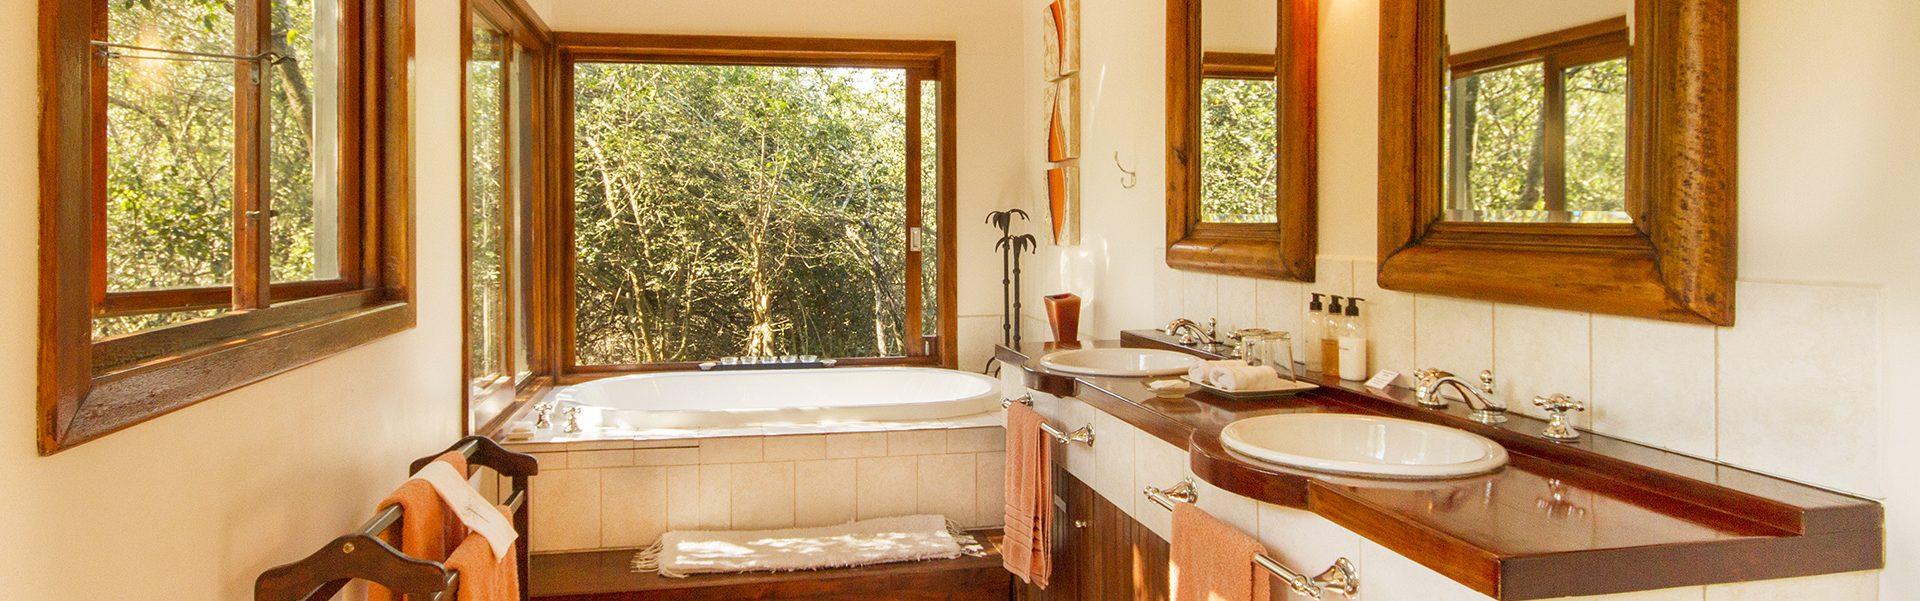 Thornwood Luxury Bush Lodge